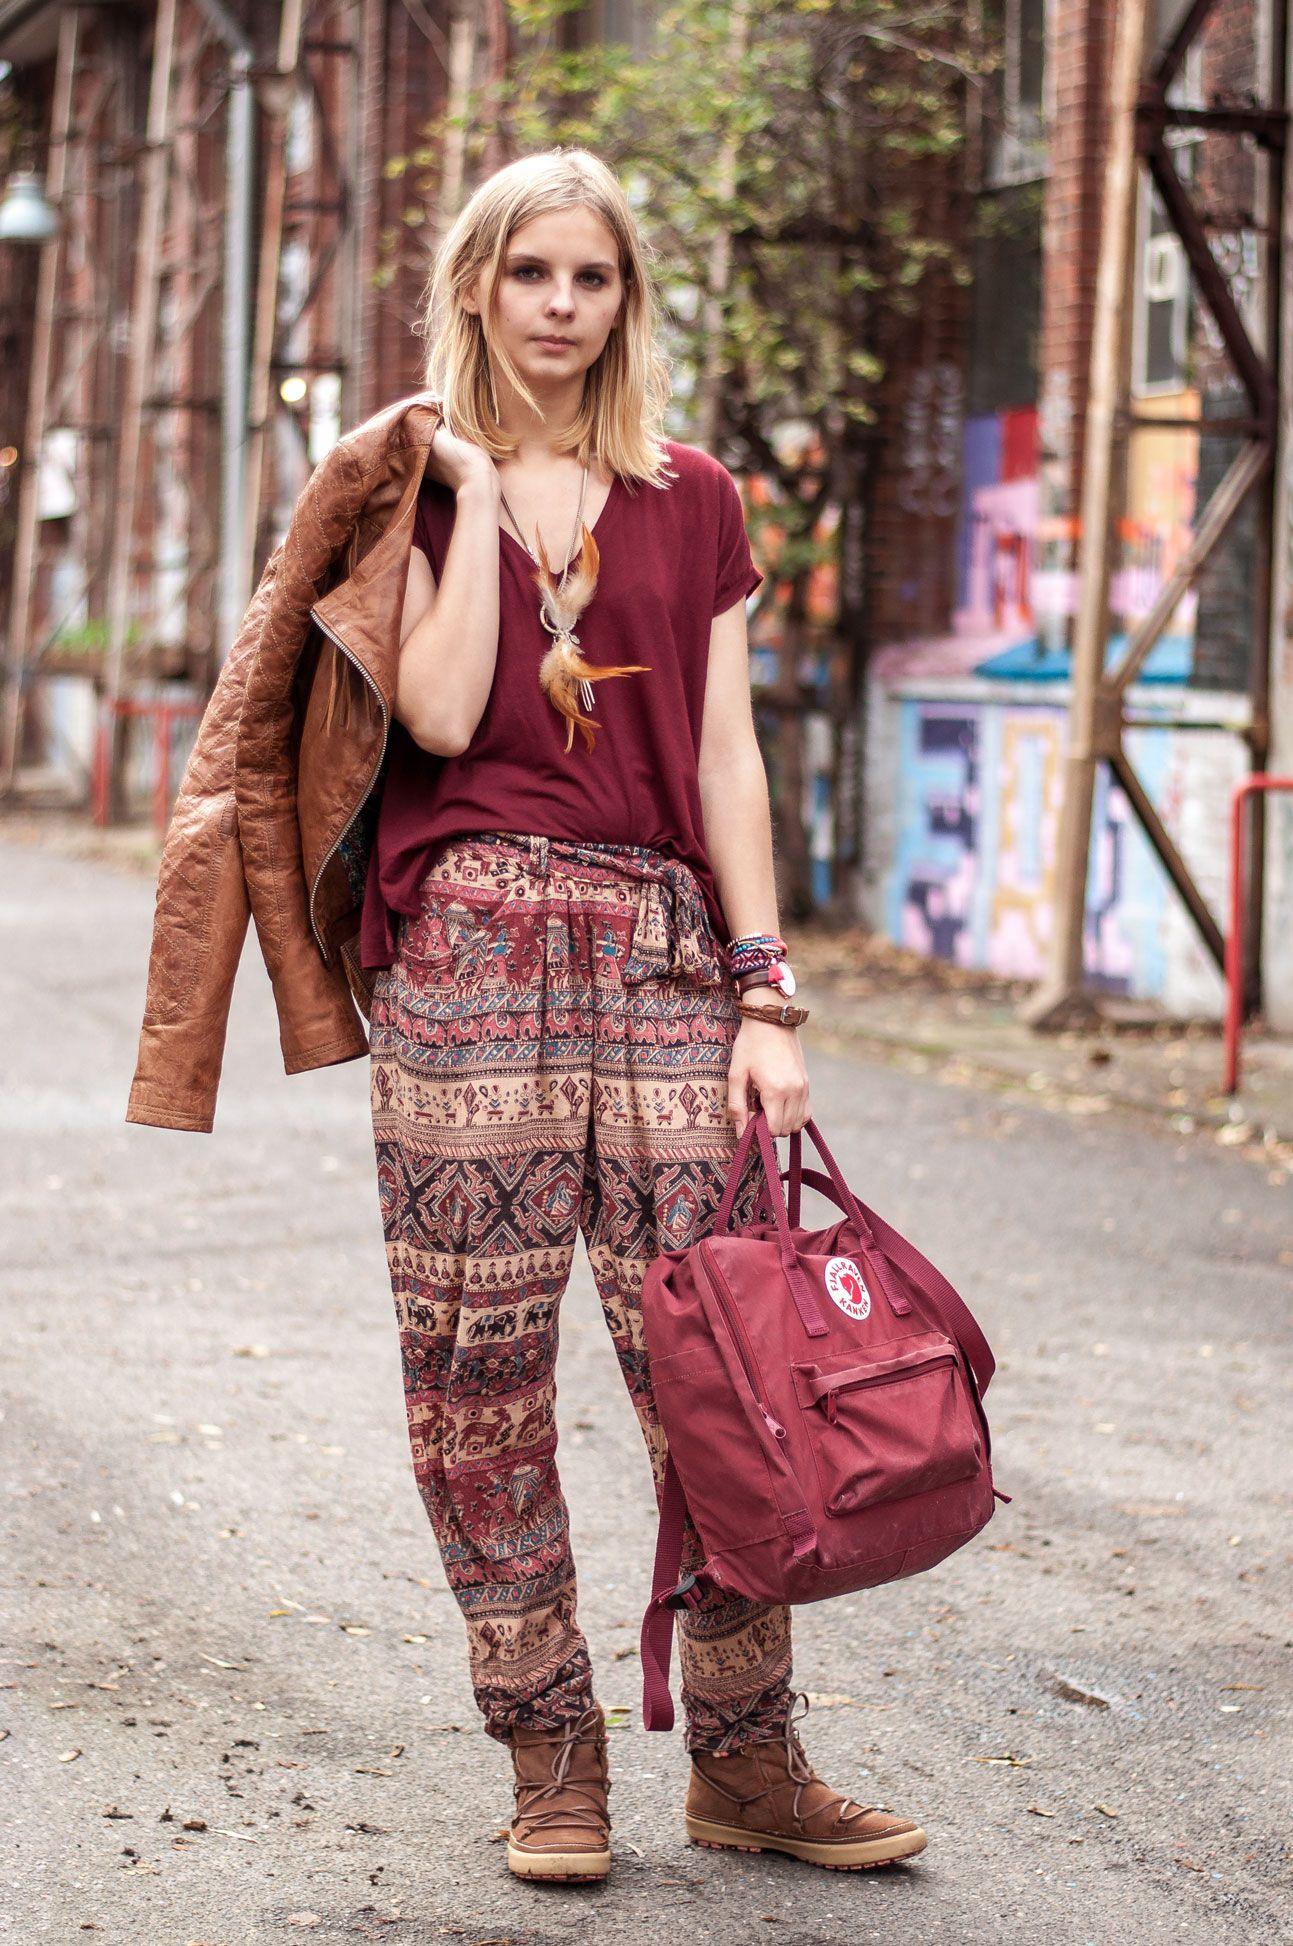 autumn boho style fj llr ven backpack in burgundy wide. Black Bedroom Furniture Sets. Home Design Ideas